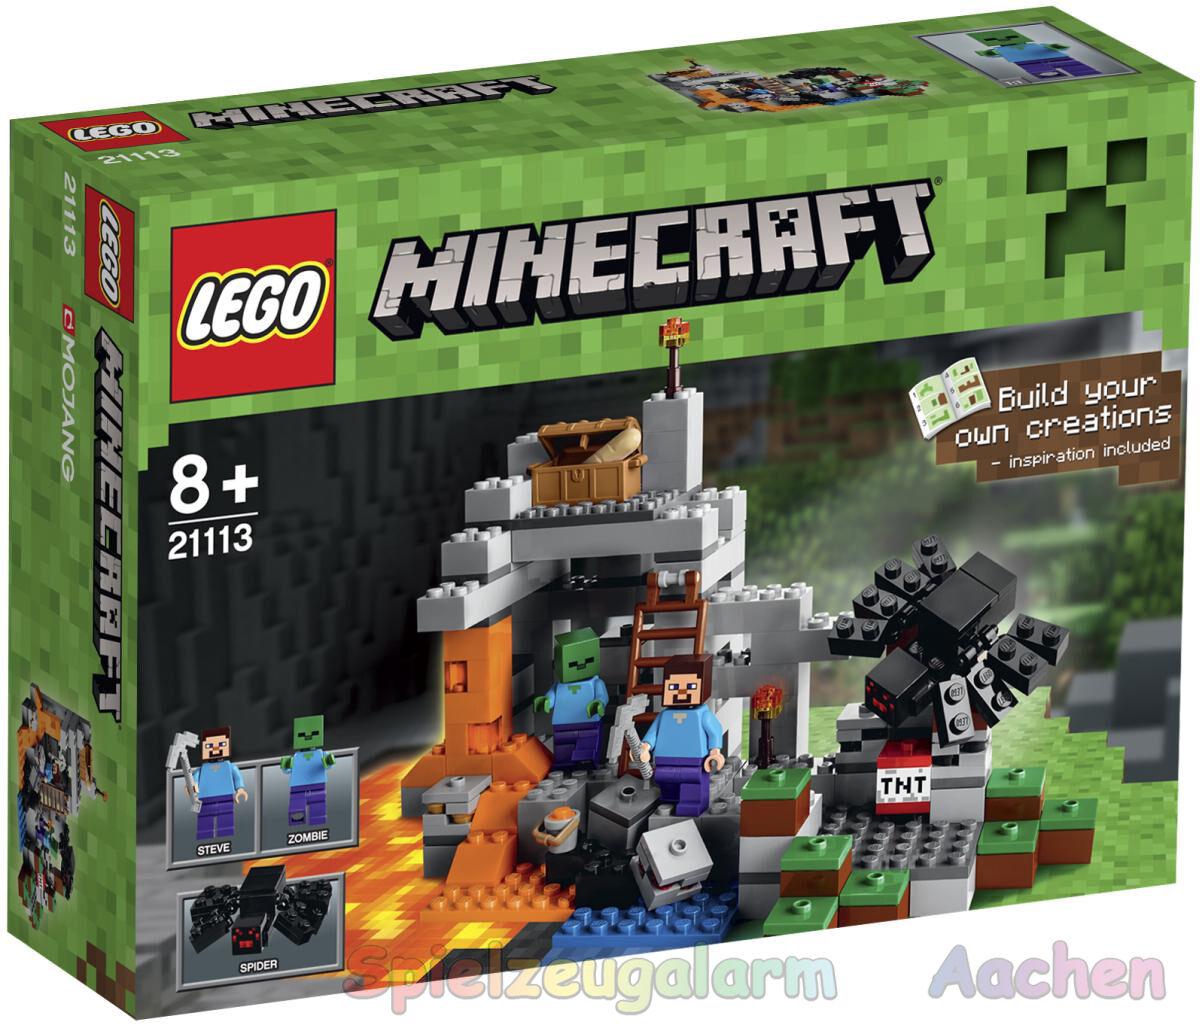 LEGO 21113 Minecraft la grossota con Steve zombie ragno La grossota le grossote BINSB